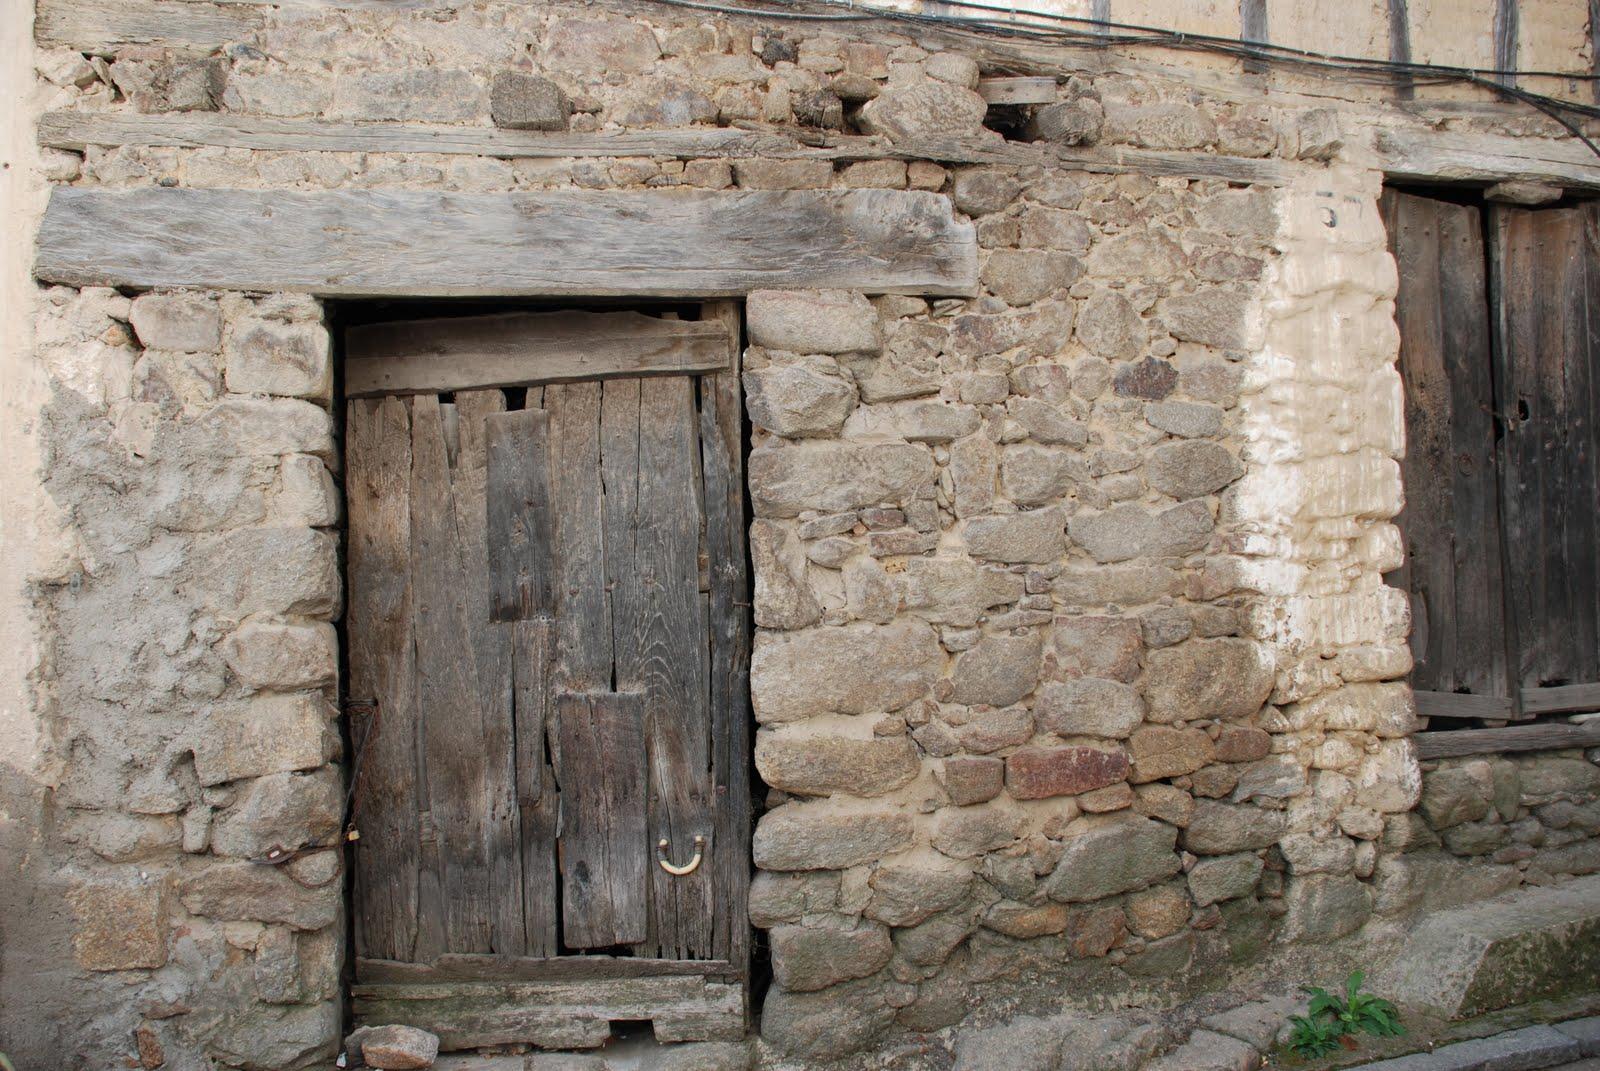 Evoluci n de viviendas y agricultura en moraleja for Puertas usadas de madera